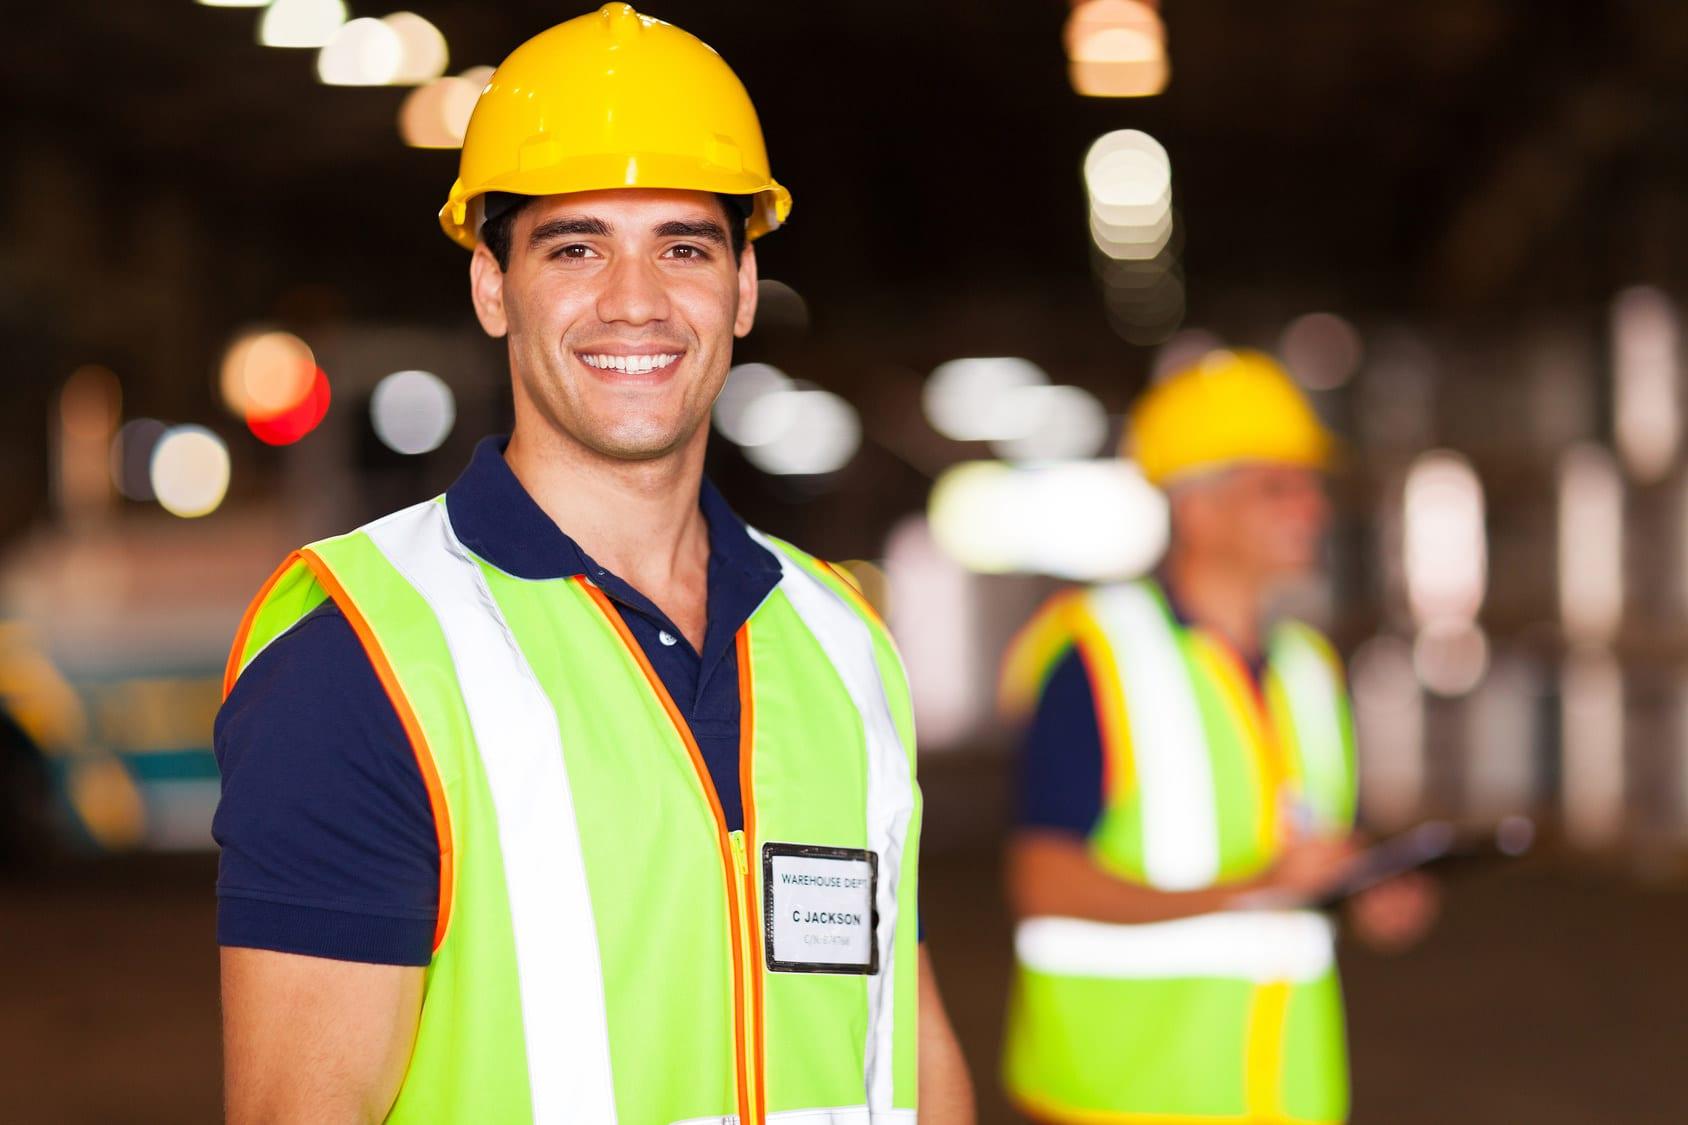 construction workers chiropractic benefits el paso tx.